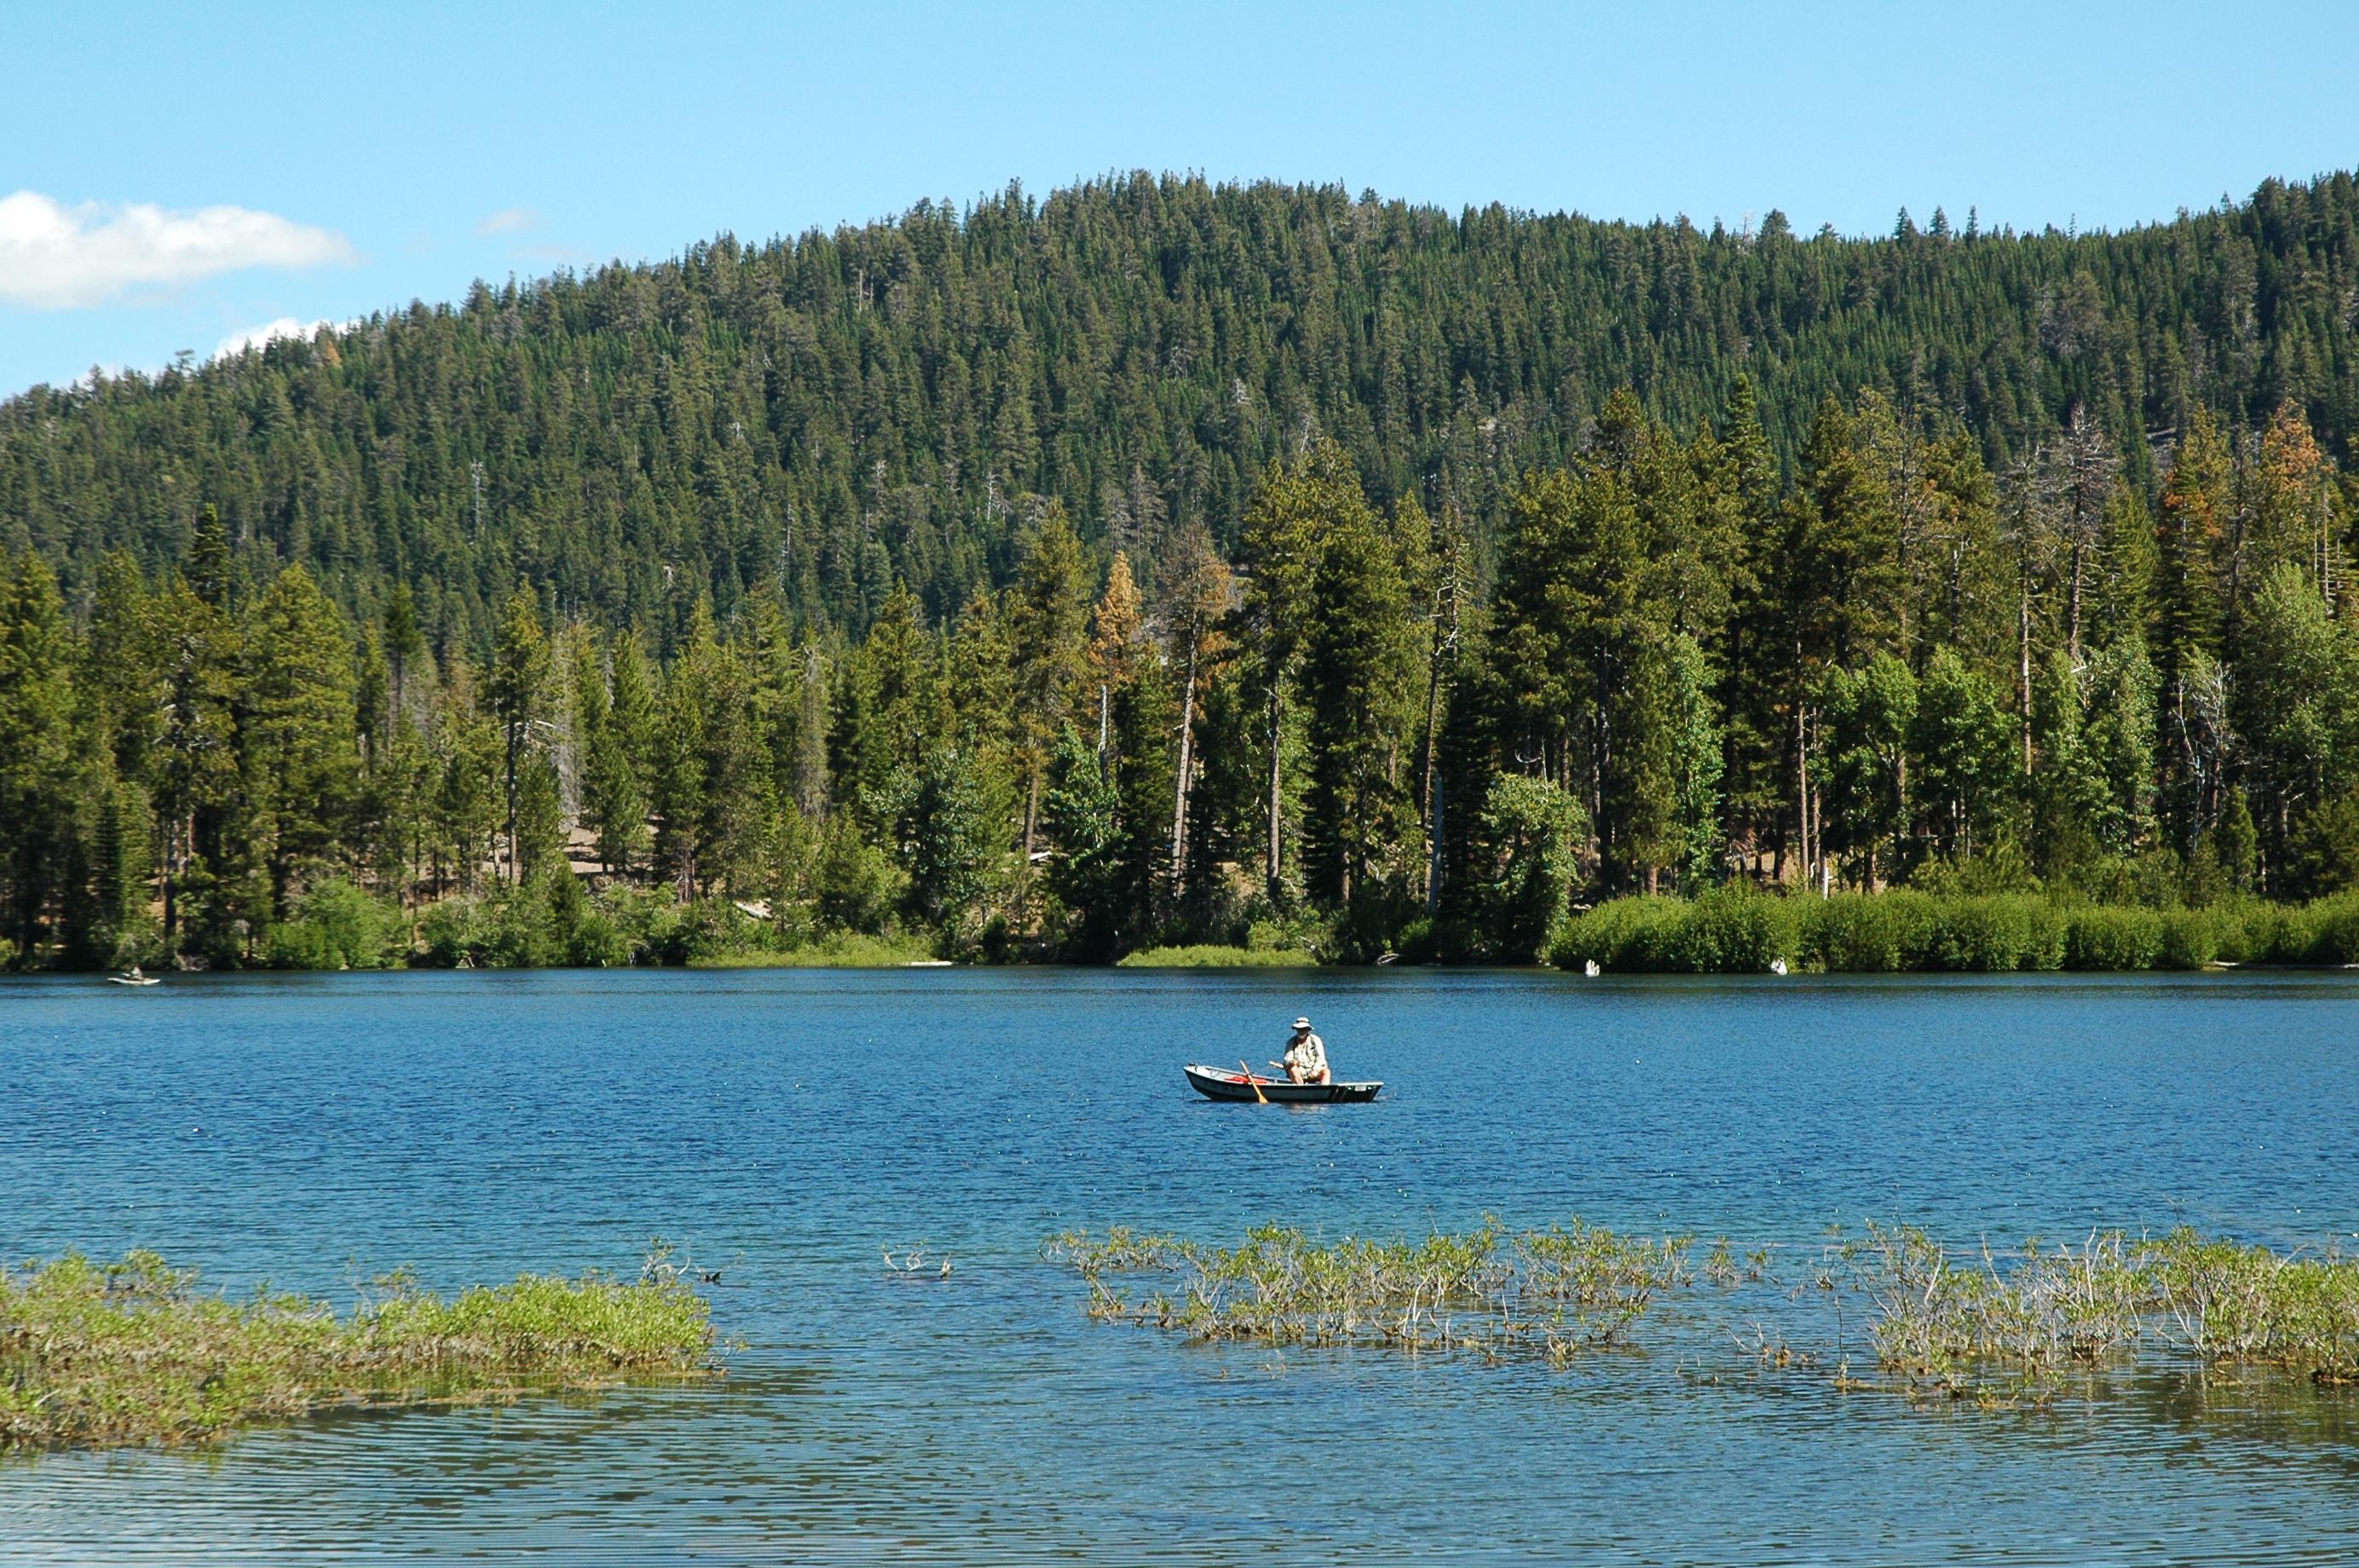 File:Fishing on Manzanita Lake.jpg - Wikimedia Commons